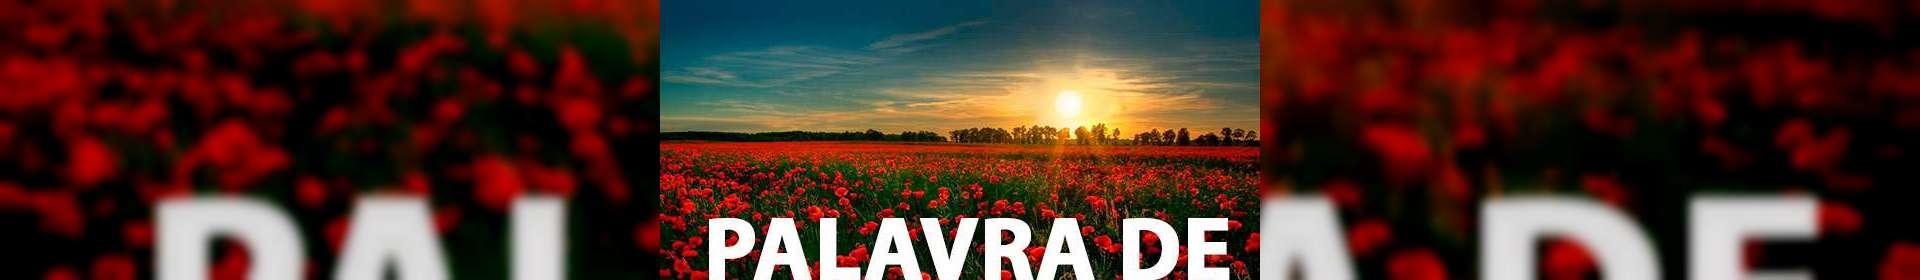 Salmos 20:1 - Uma Palavra de Esperança para sua vida